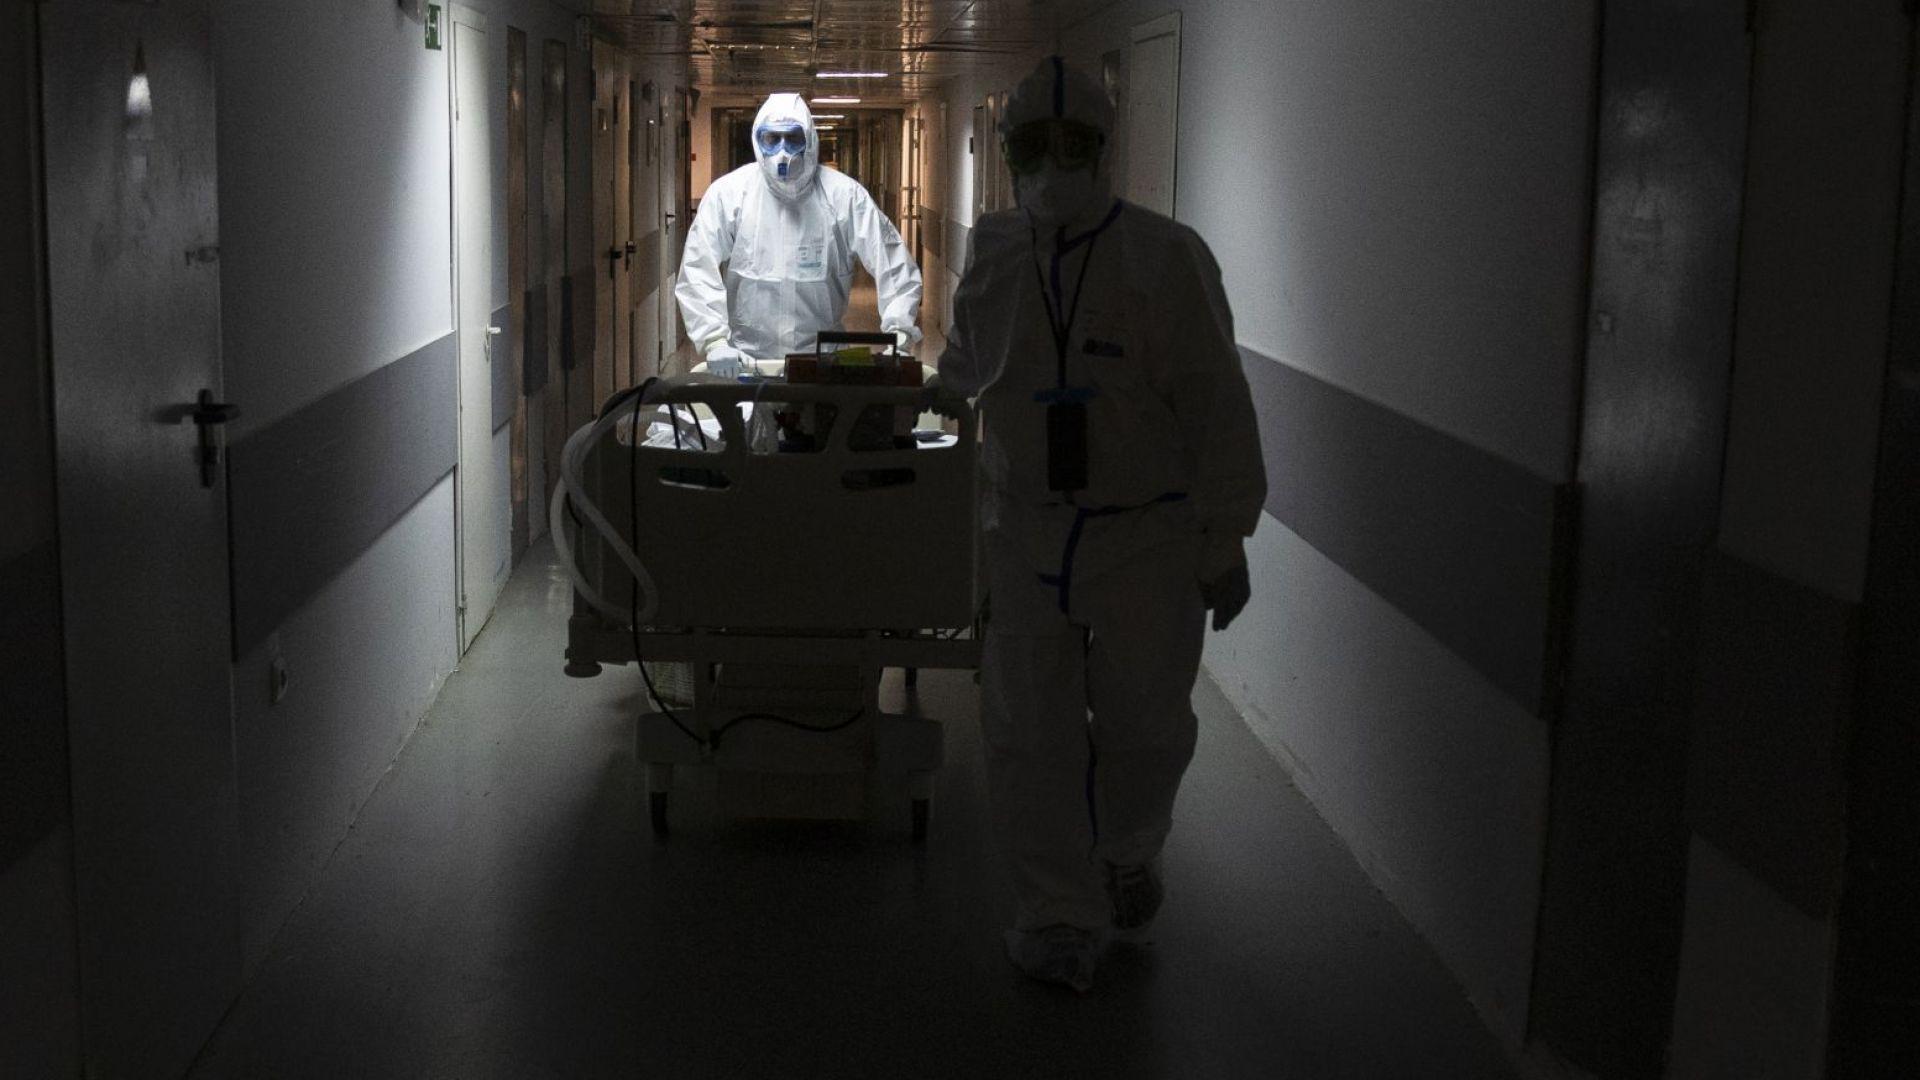 Пандемия побудила освобождать врачей от бумажной работы